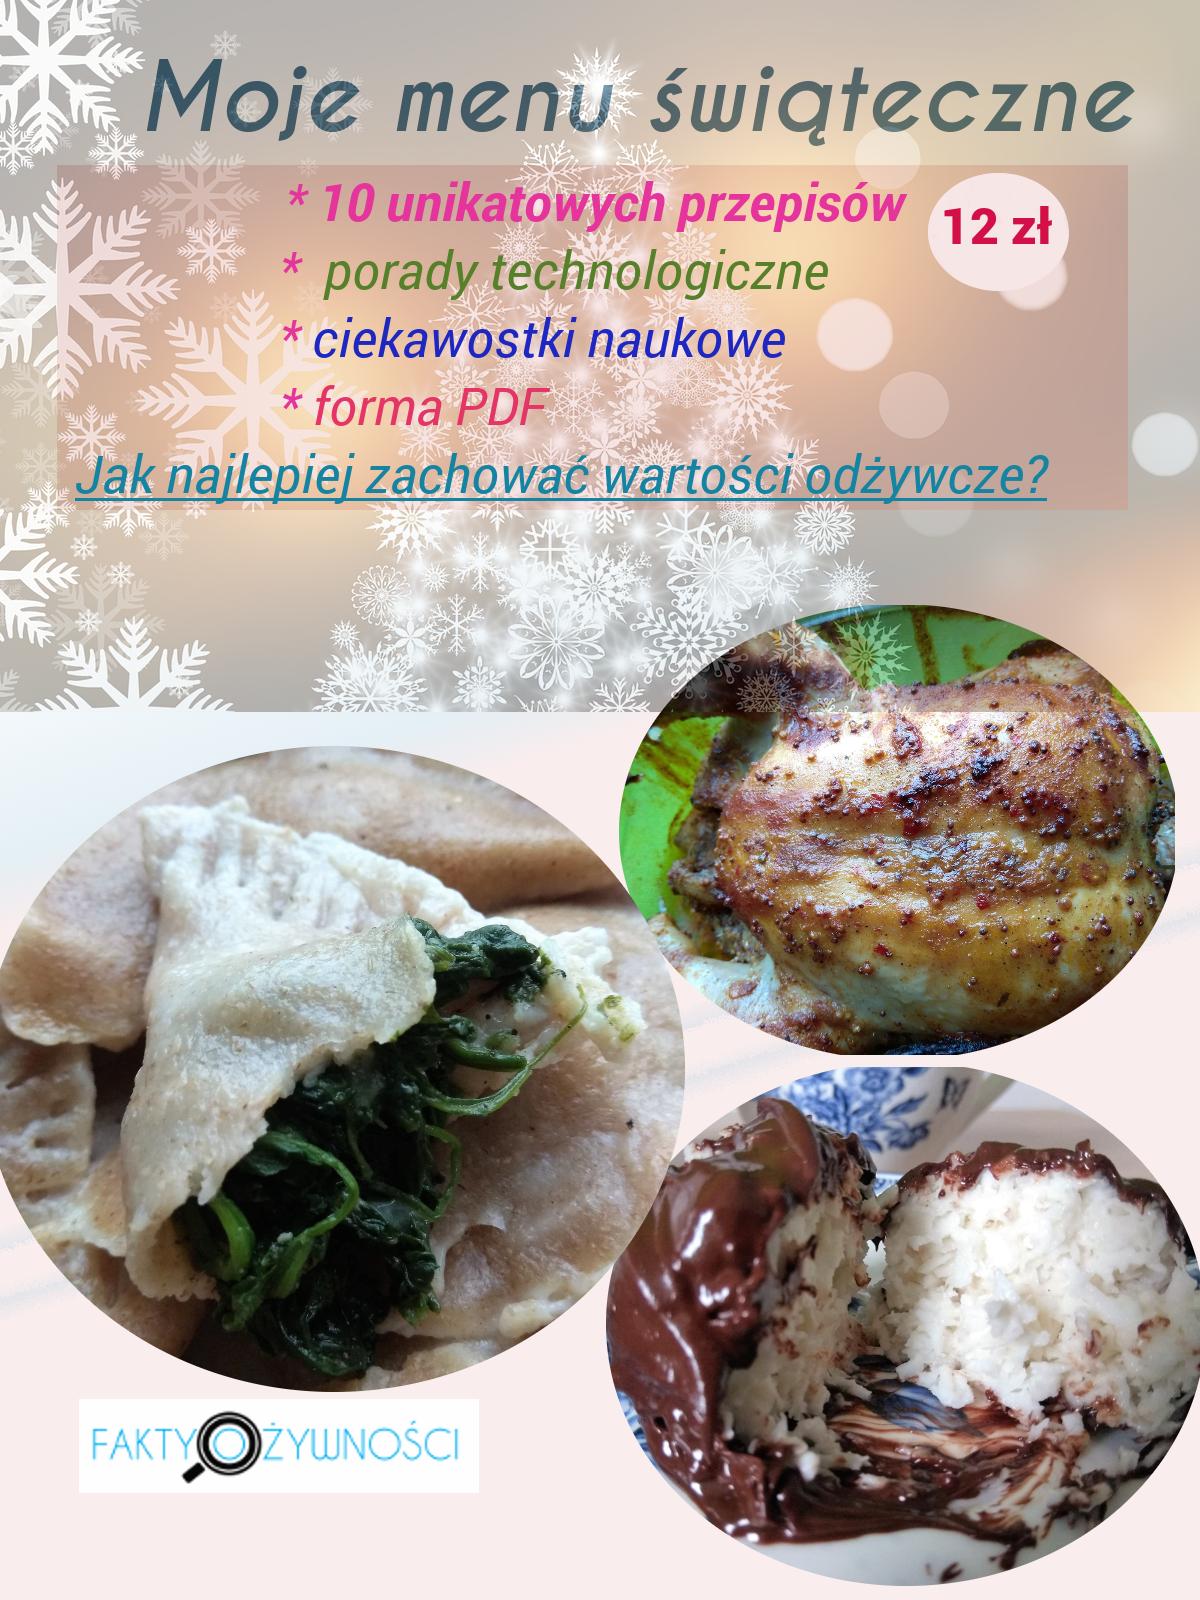 moje menu świąteczne